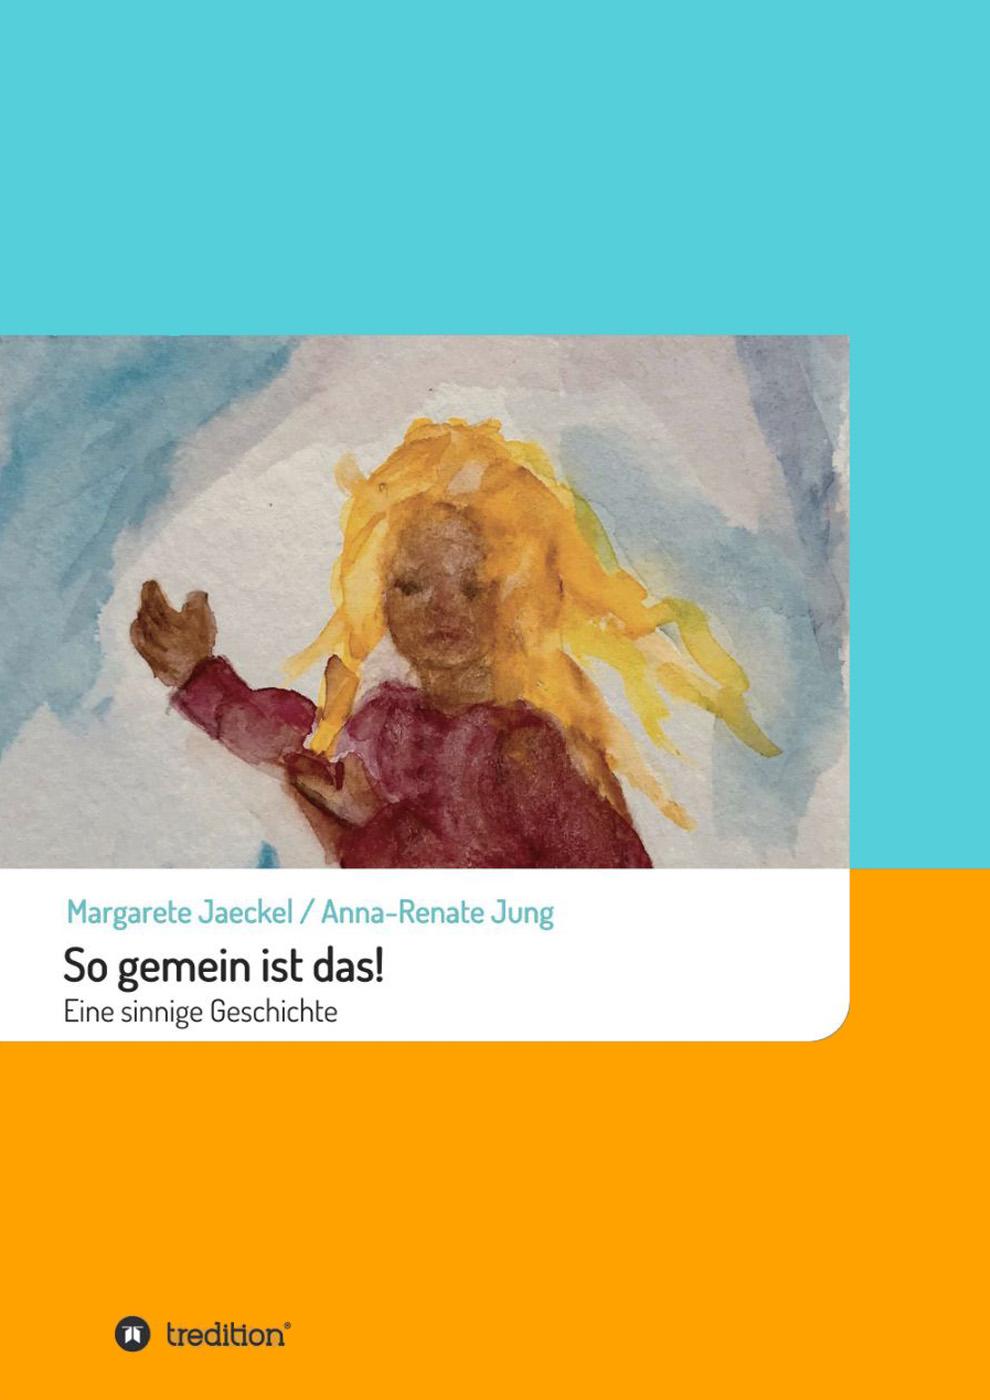 So gemein ist das | Sinnige Geschichten | Margarete Jaeckel